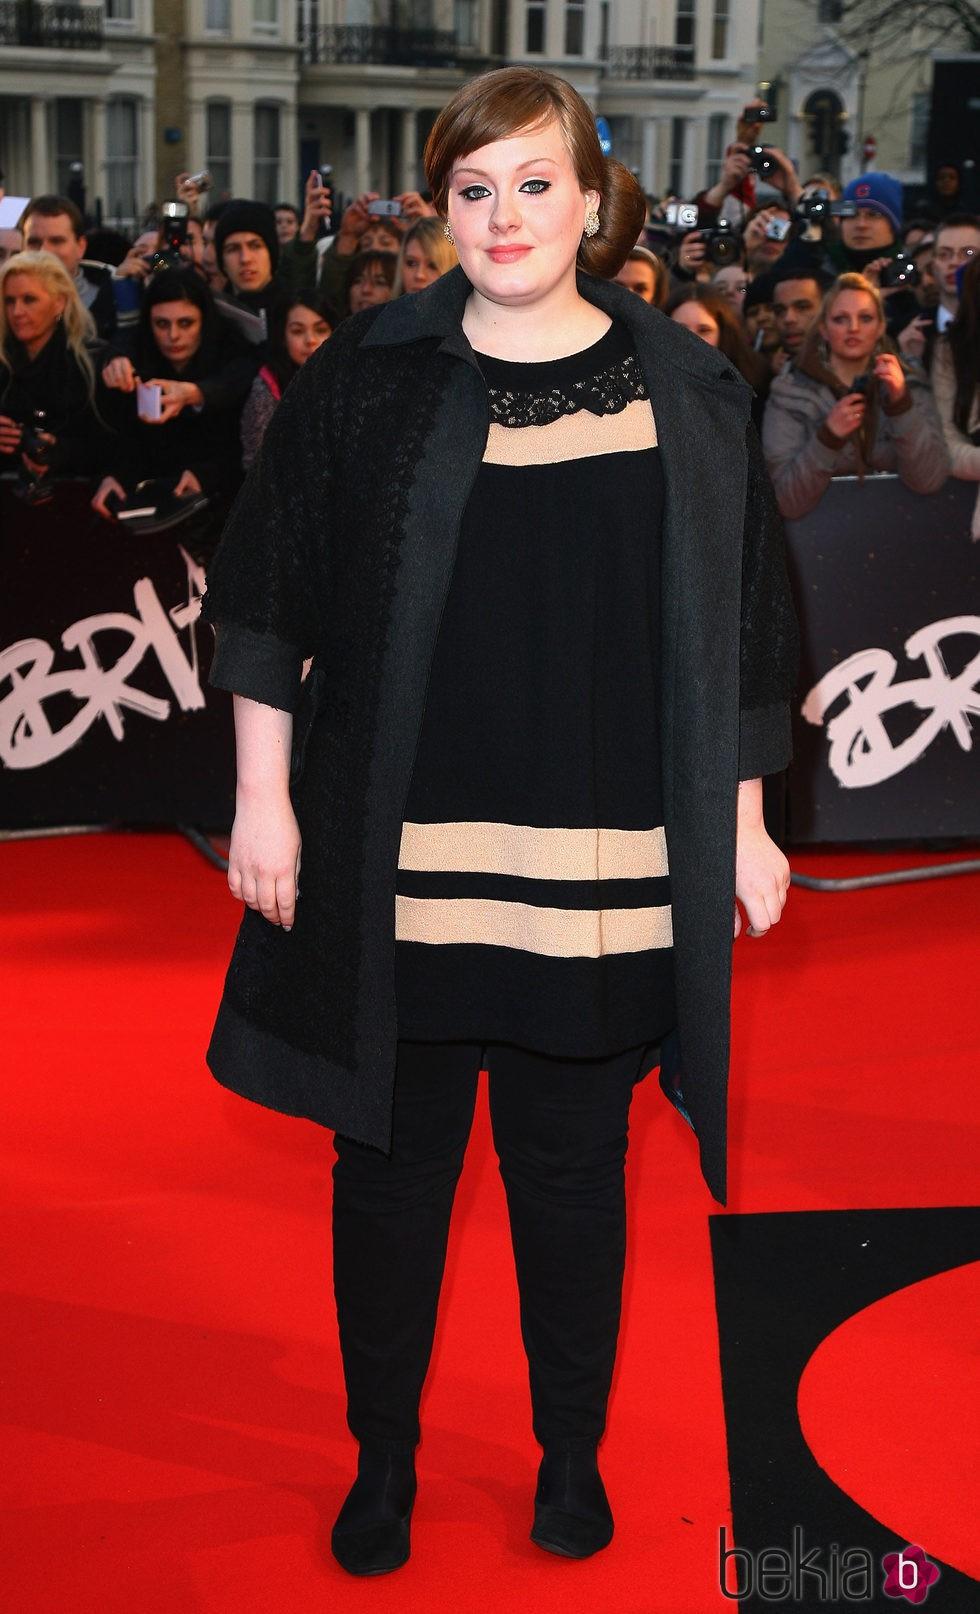 Adele en los Premios Brit 2008